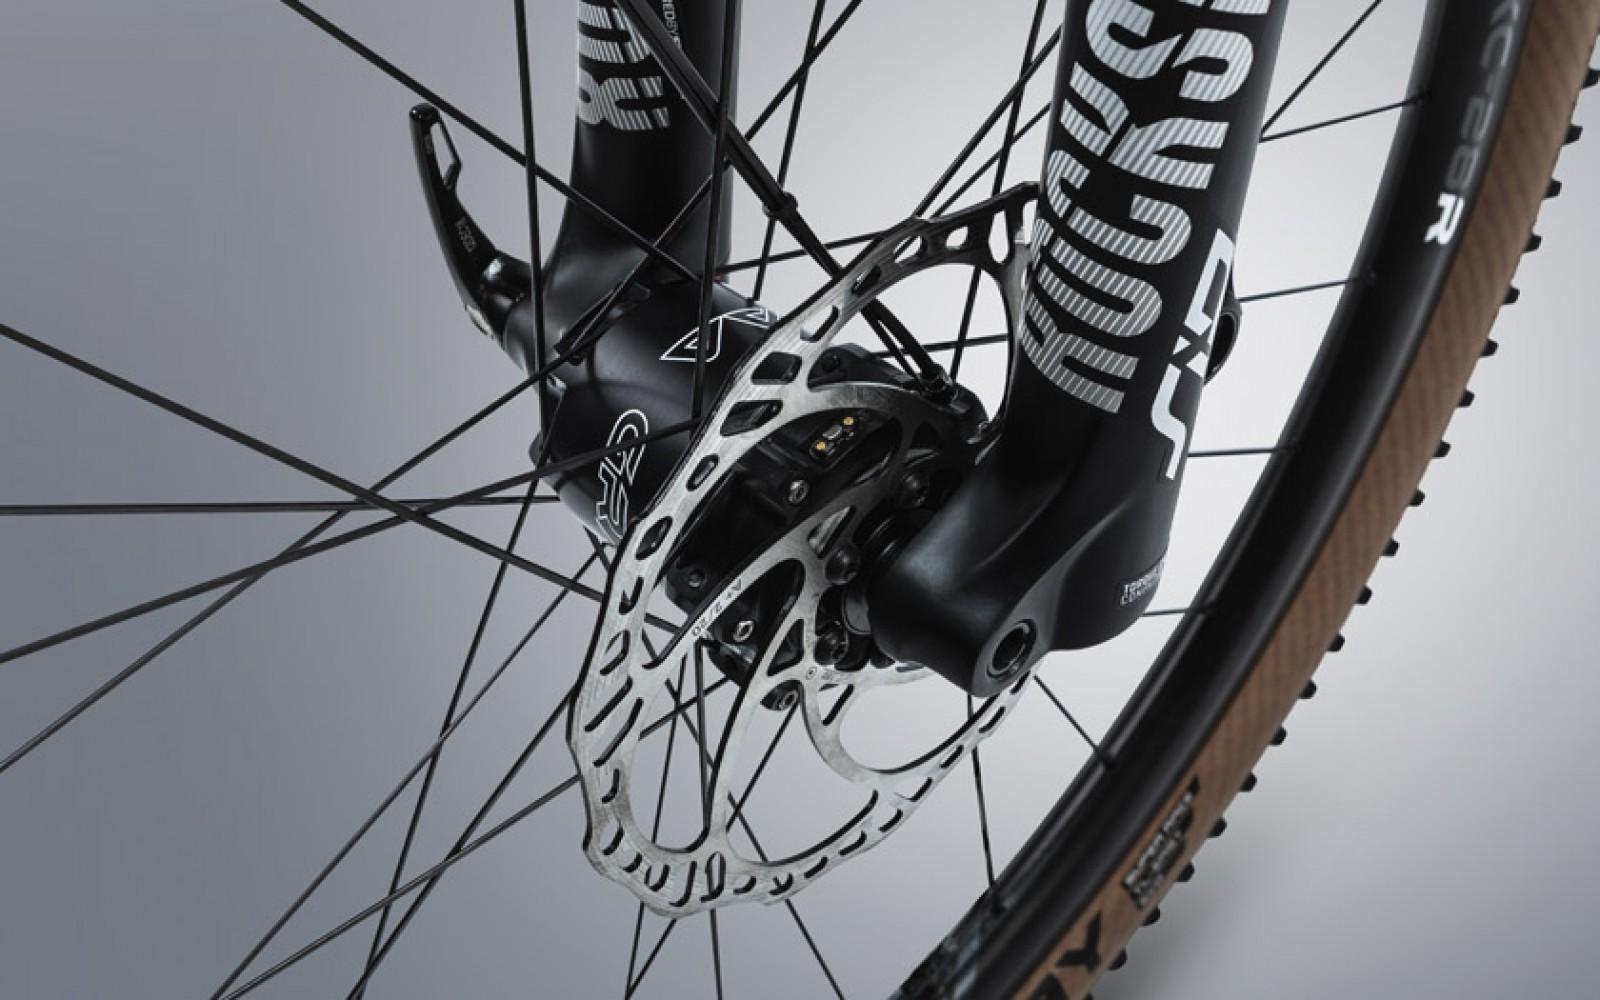 gravaa-sistema-inflar-ruedas-mtb/